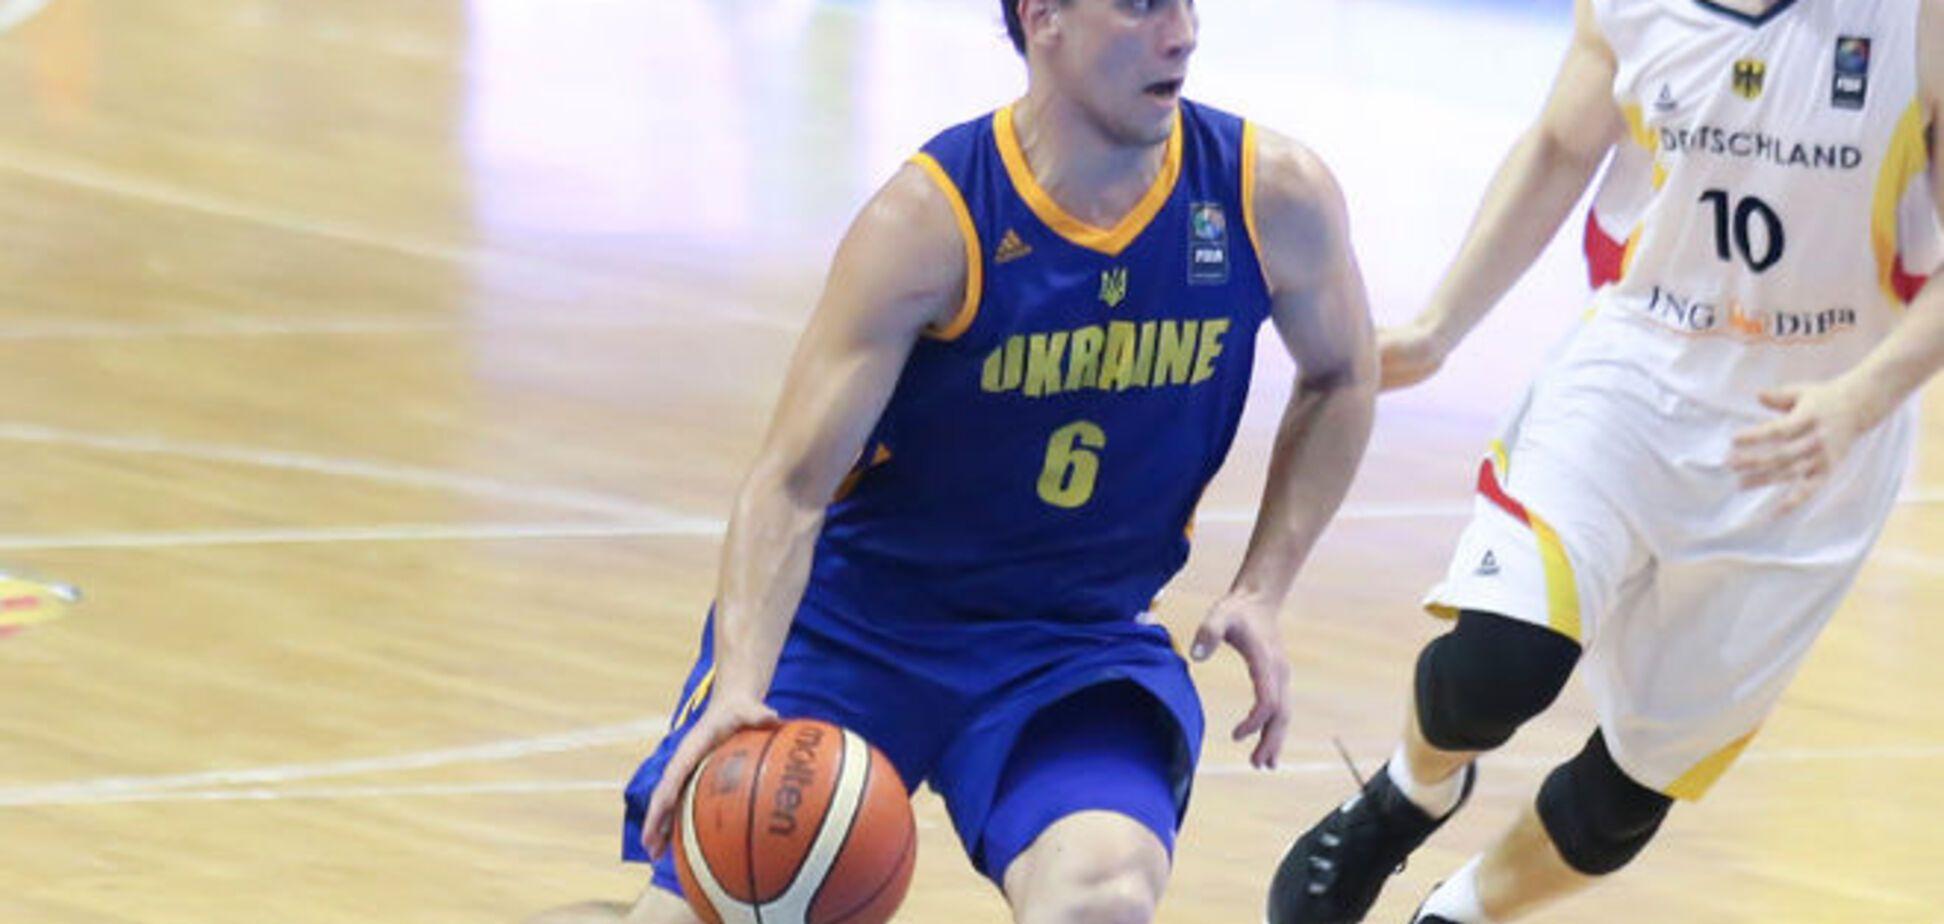 Україна завершила боротьбу за медалі молодіжного Євробаскету